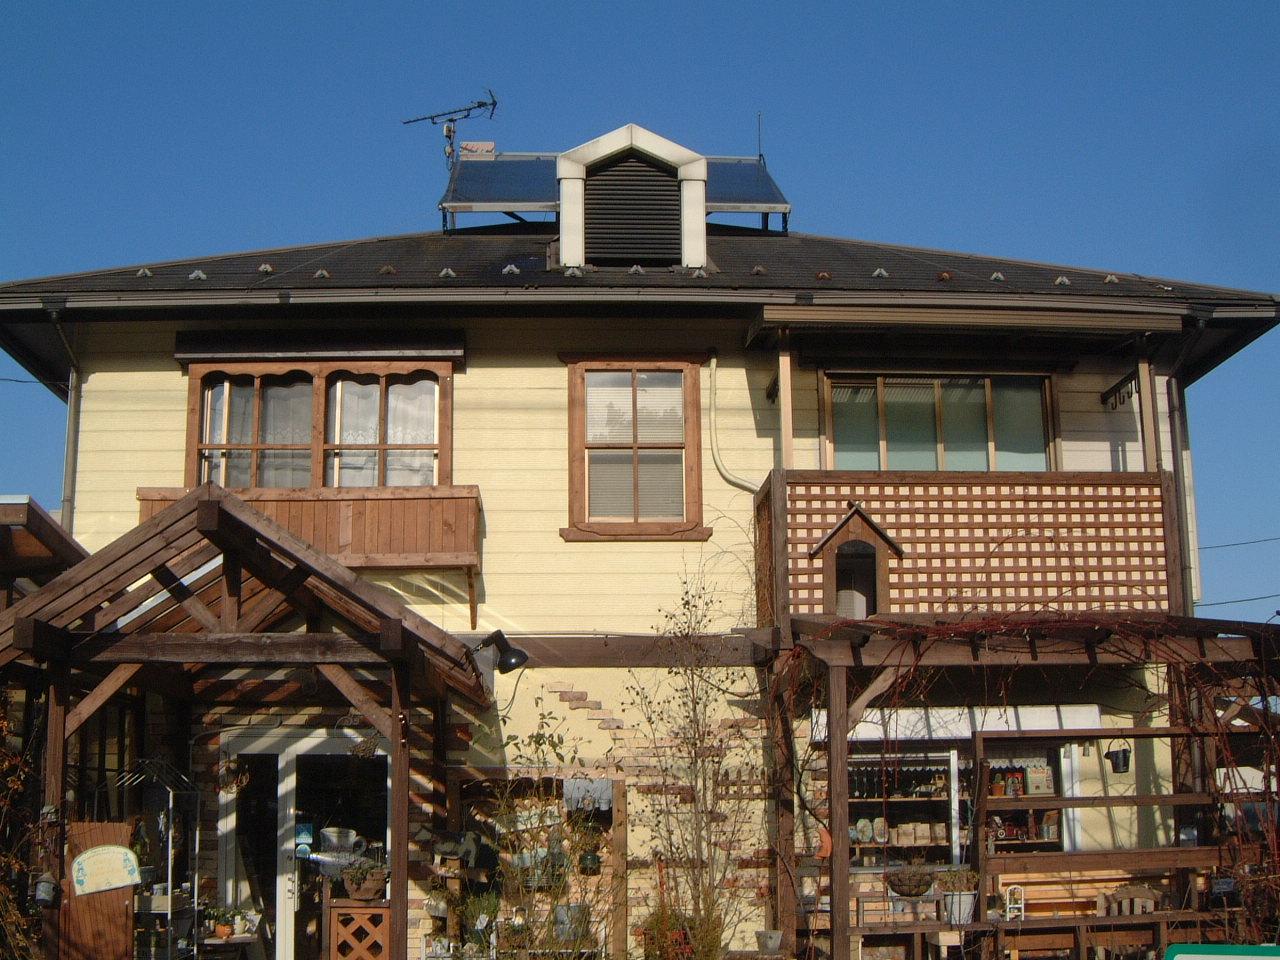 青梅市の吉野街道沿いのお店「アイムホーム」です。青梅市和田町にあります... 青梅 おいしいラン